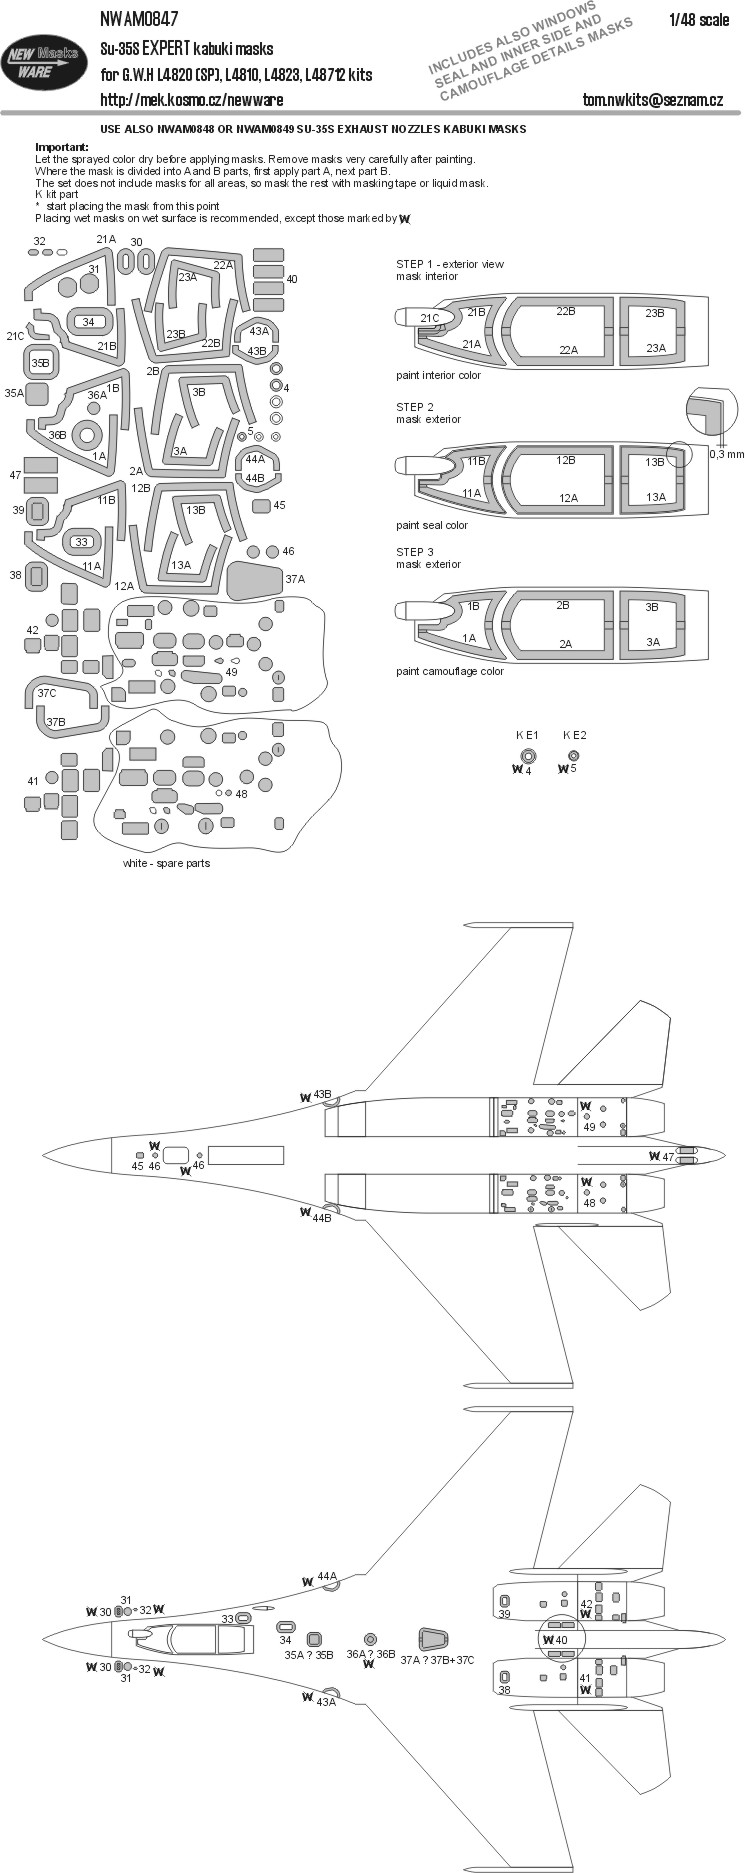 NWAM0847